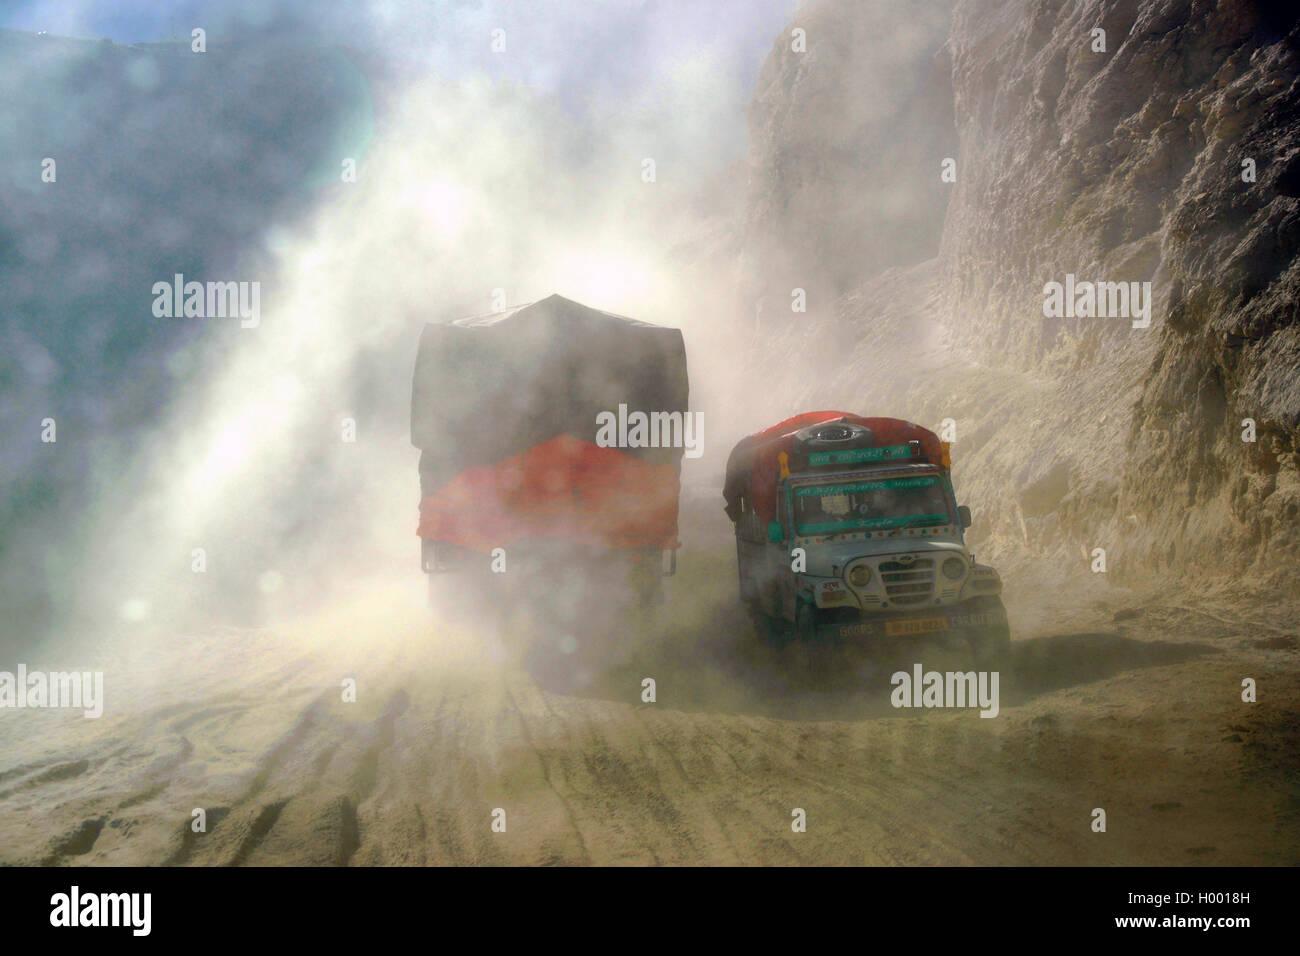 LKW auf der Piste von Spliti nach Lahaul in Nordindien, Indien, Lahol   truck on the unpaved road from Spliti to Stock Photo